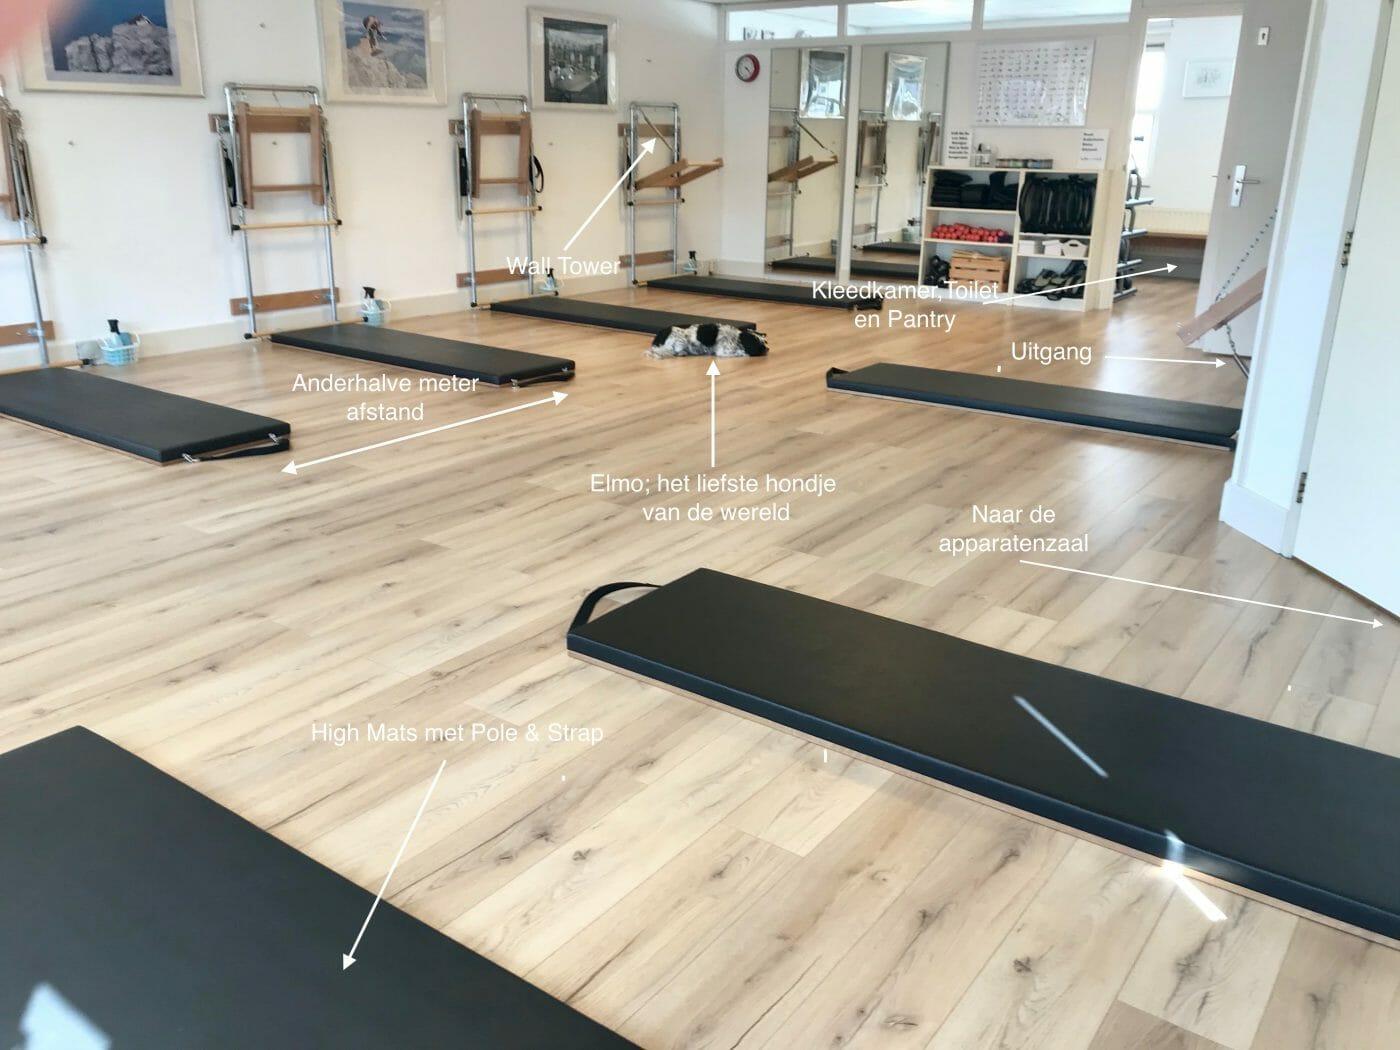 De groepszaal van Pilates Studio Van Sonsbeek in Zoetermeer.